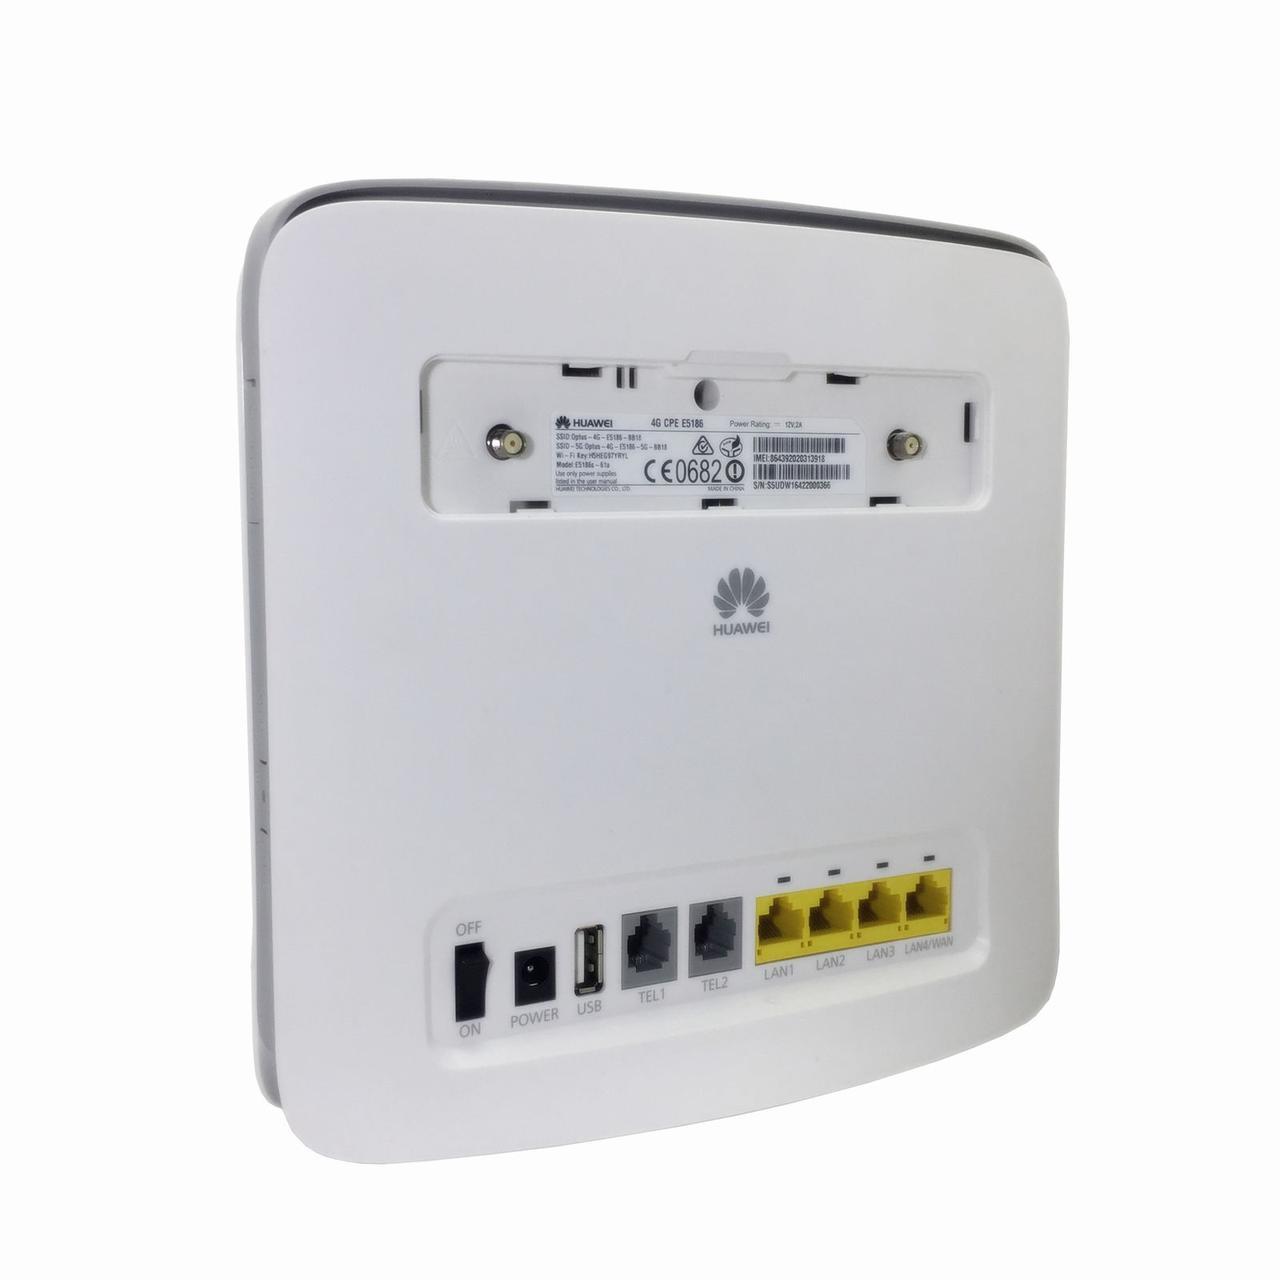 3G / 4G WiFi роутер Huawei E5186S-61A - Bigl ua